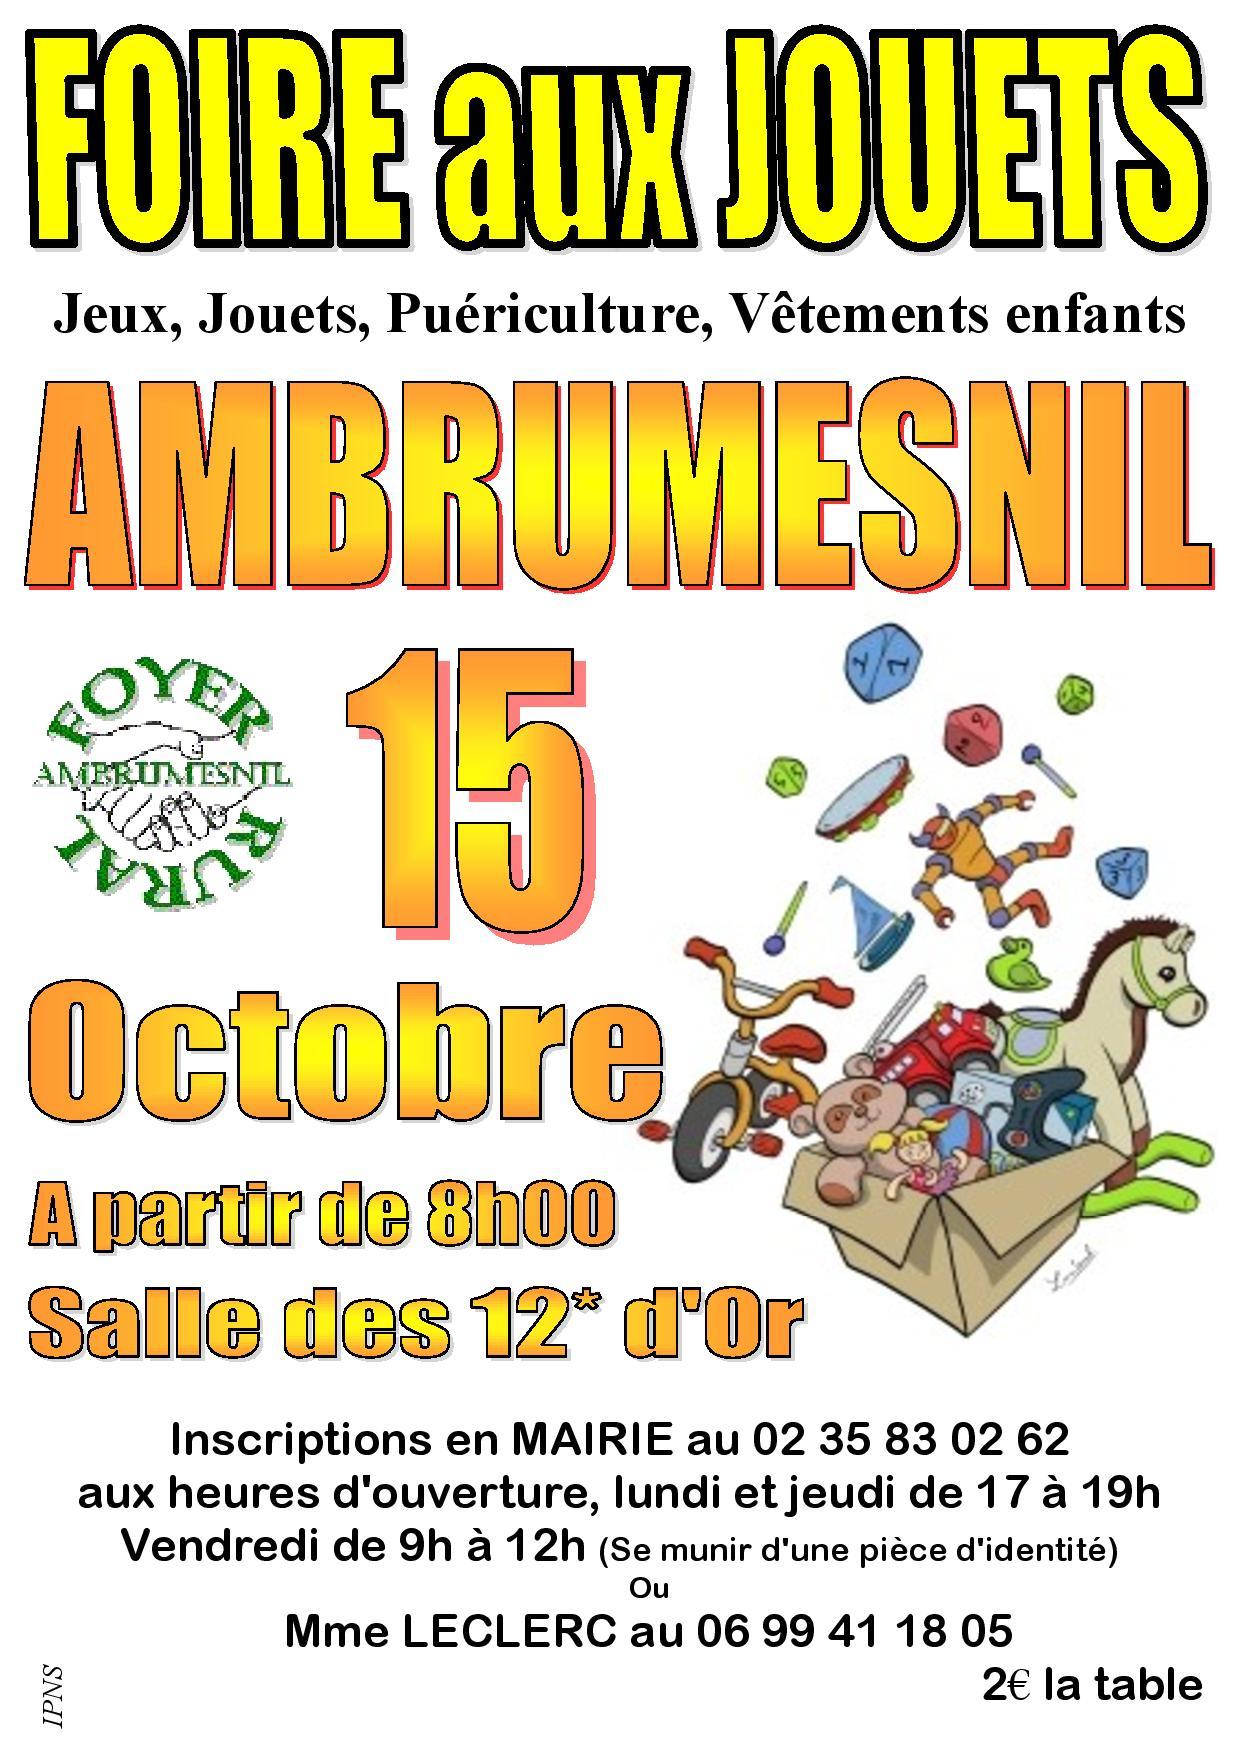 Foire aux Jouets à Ambrumesnil – 15 Octobre